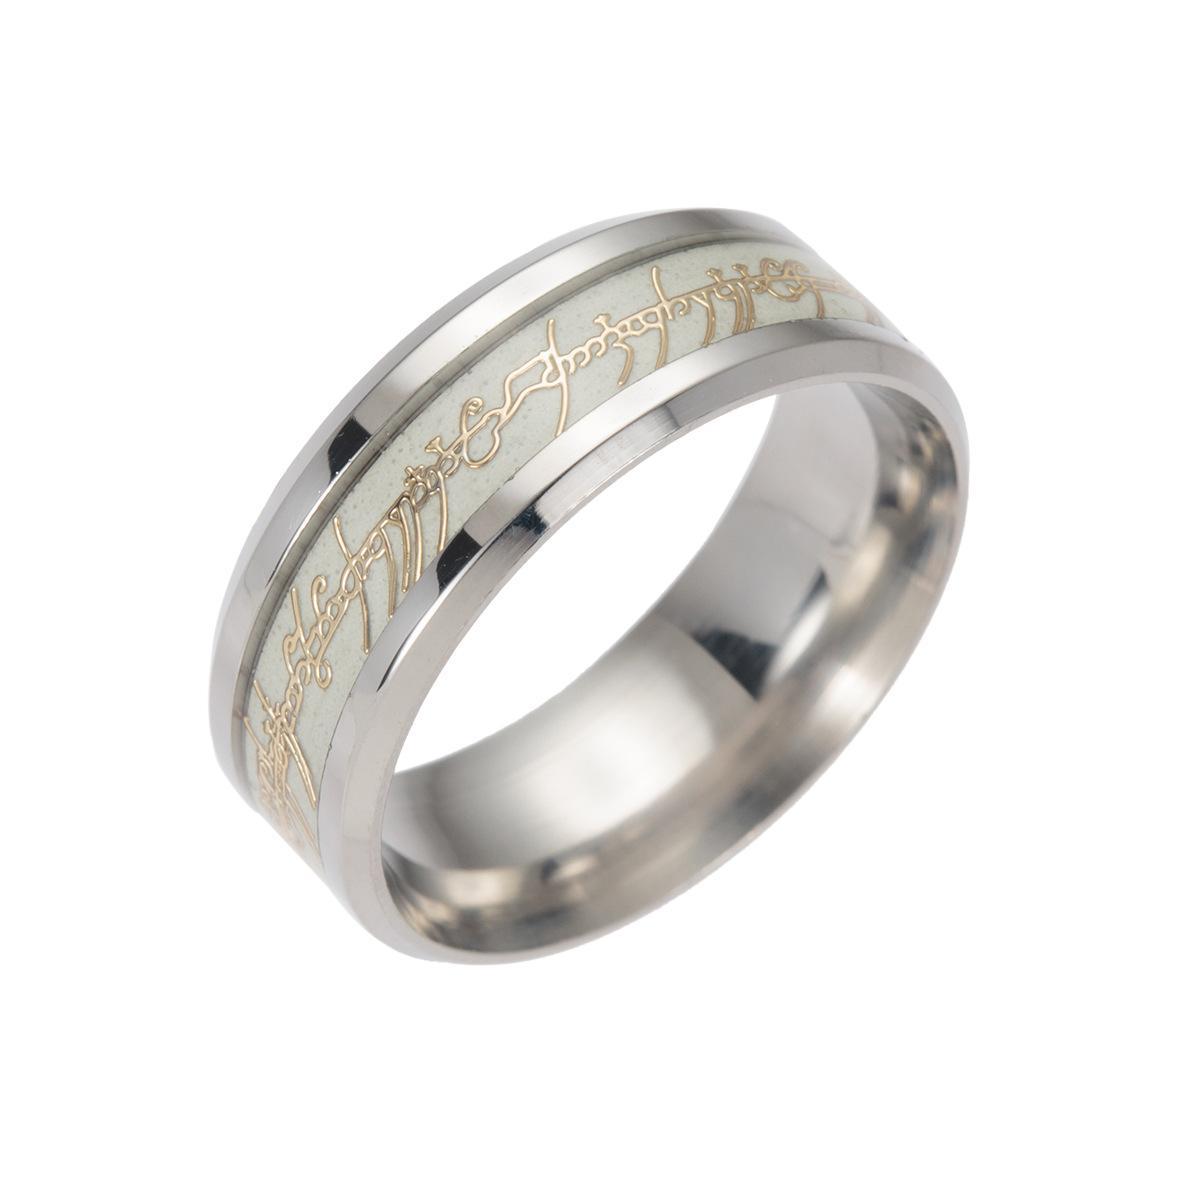 New Fashion Magic Ring en acier inoxydable brillant fluorescent Glowing Bague de fête d'anniversaire Lettre texte bijoux de mariage